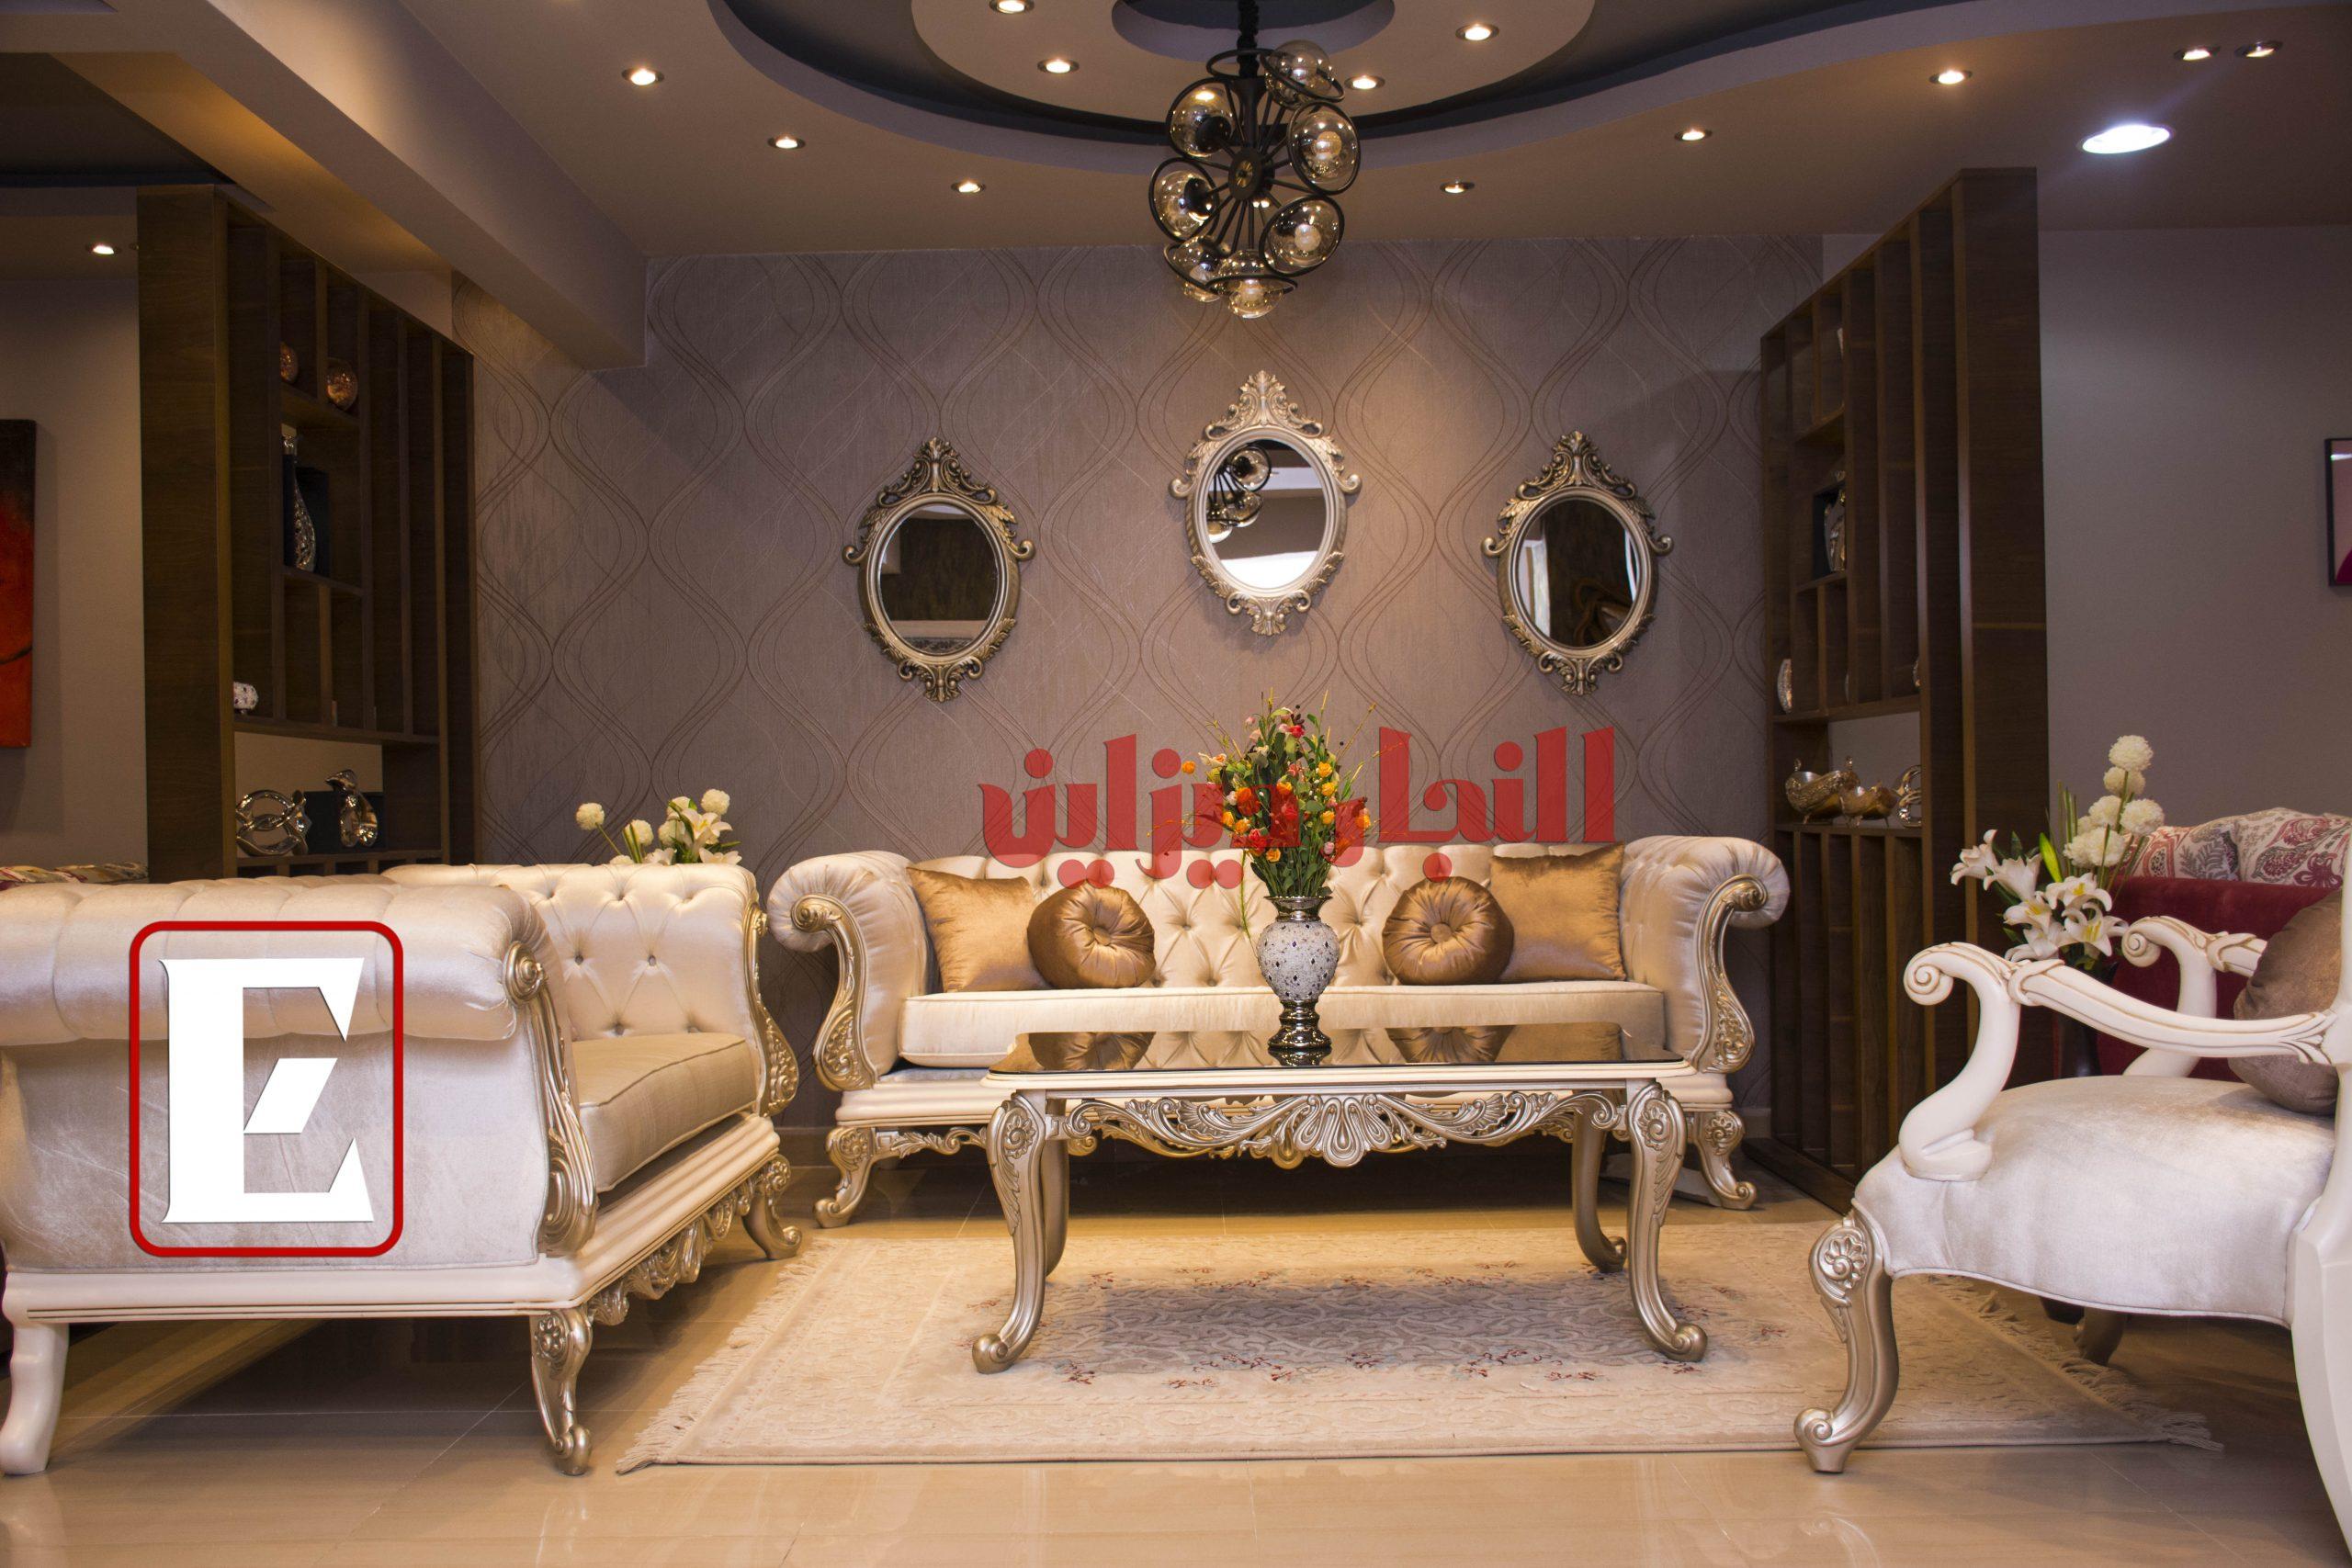 تصميم غرف المعيشة الكلاسيك